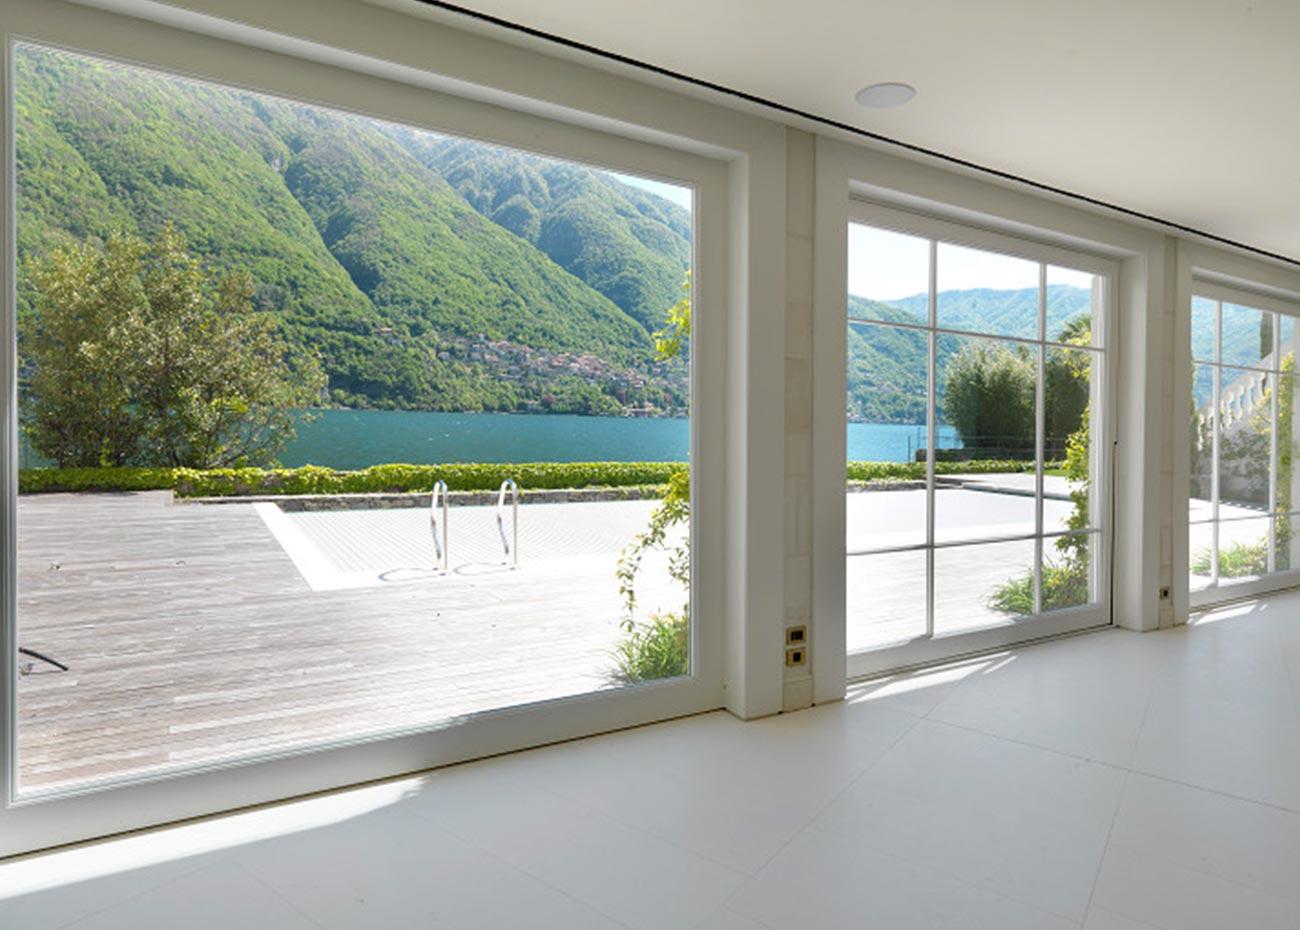 villa-a-laglio-mgm-la-marmoteca-vista-lago